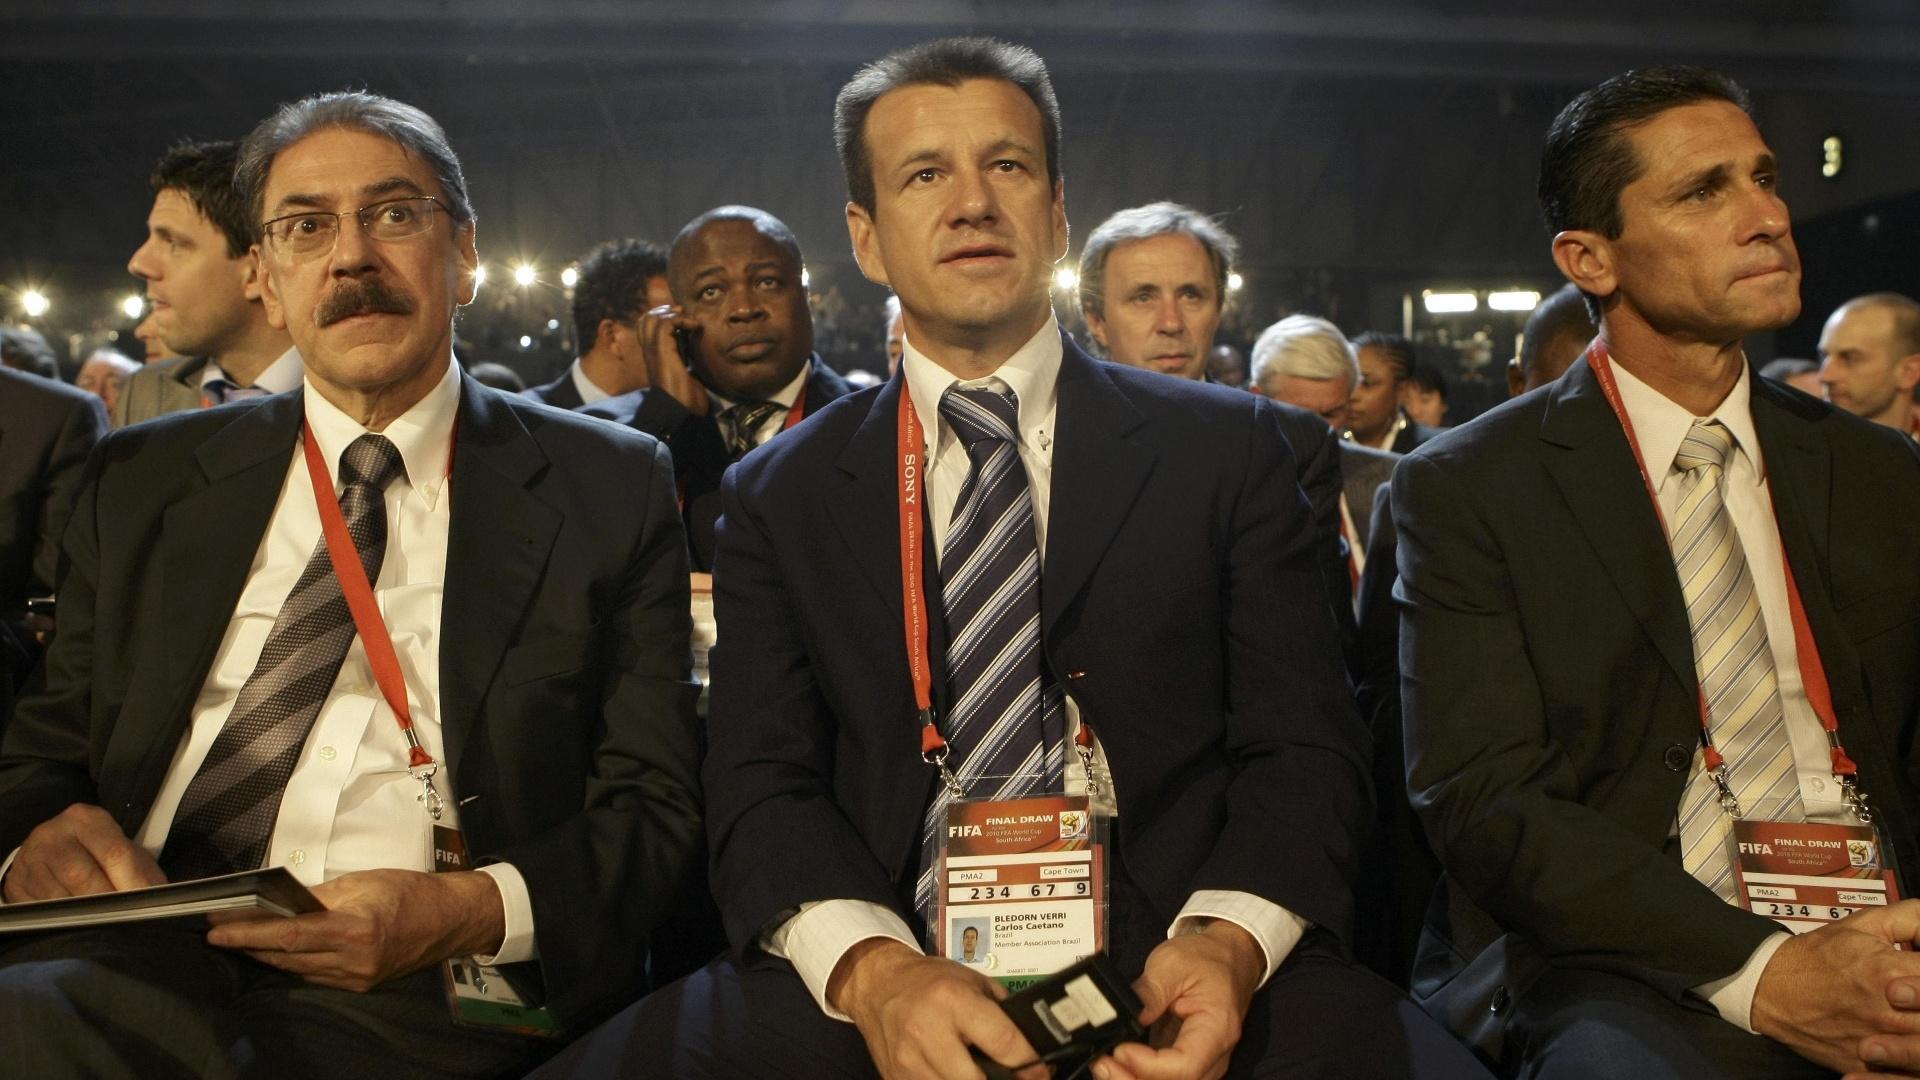 Américo Faria, Dunga e Jorginho durante o sorteio da Copa do Mundo de 2010